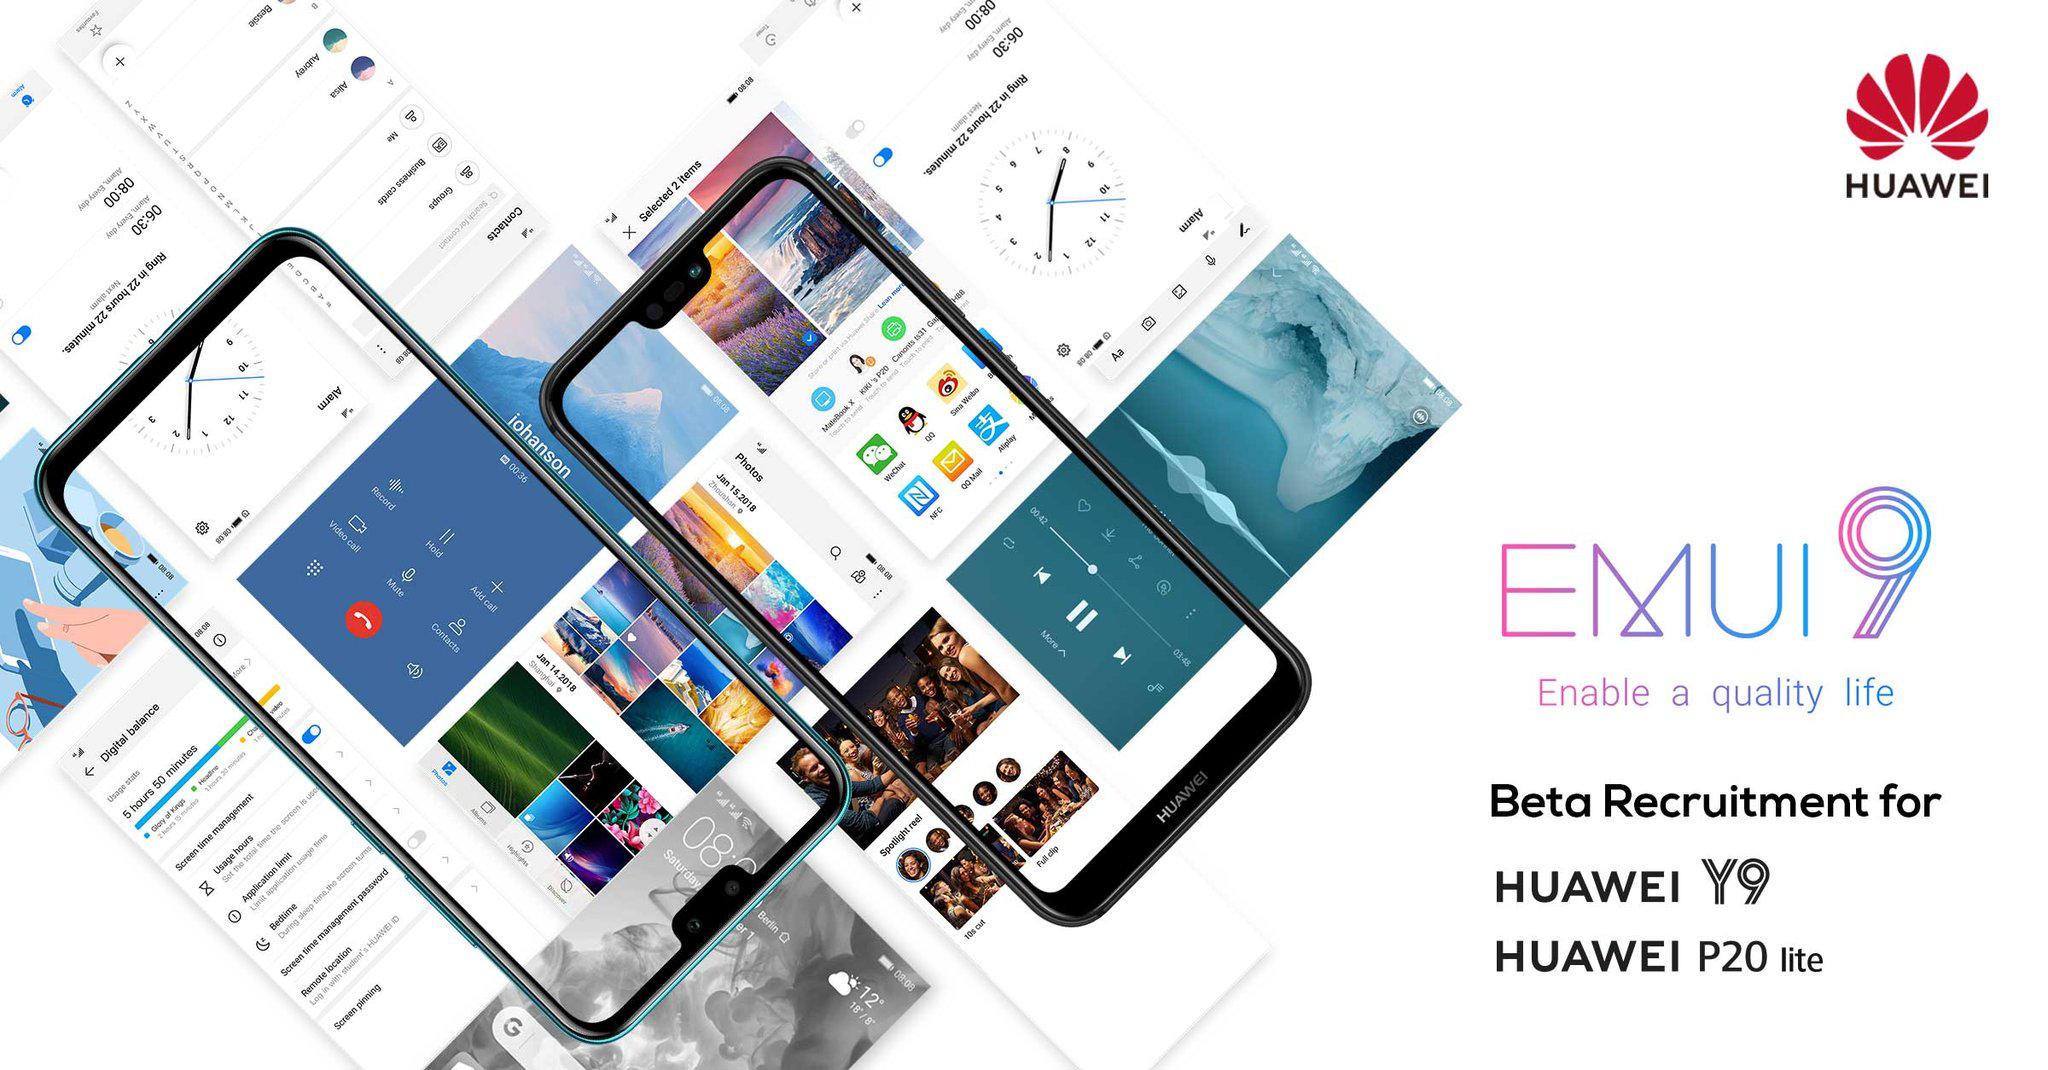 Huawei P20 Lite Y9 kiedy aktualizacja Android Pie z EMUI 9.0 beta EMUI 10 Android 10